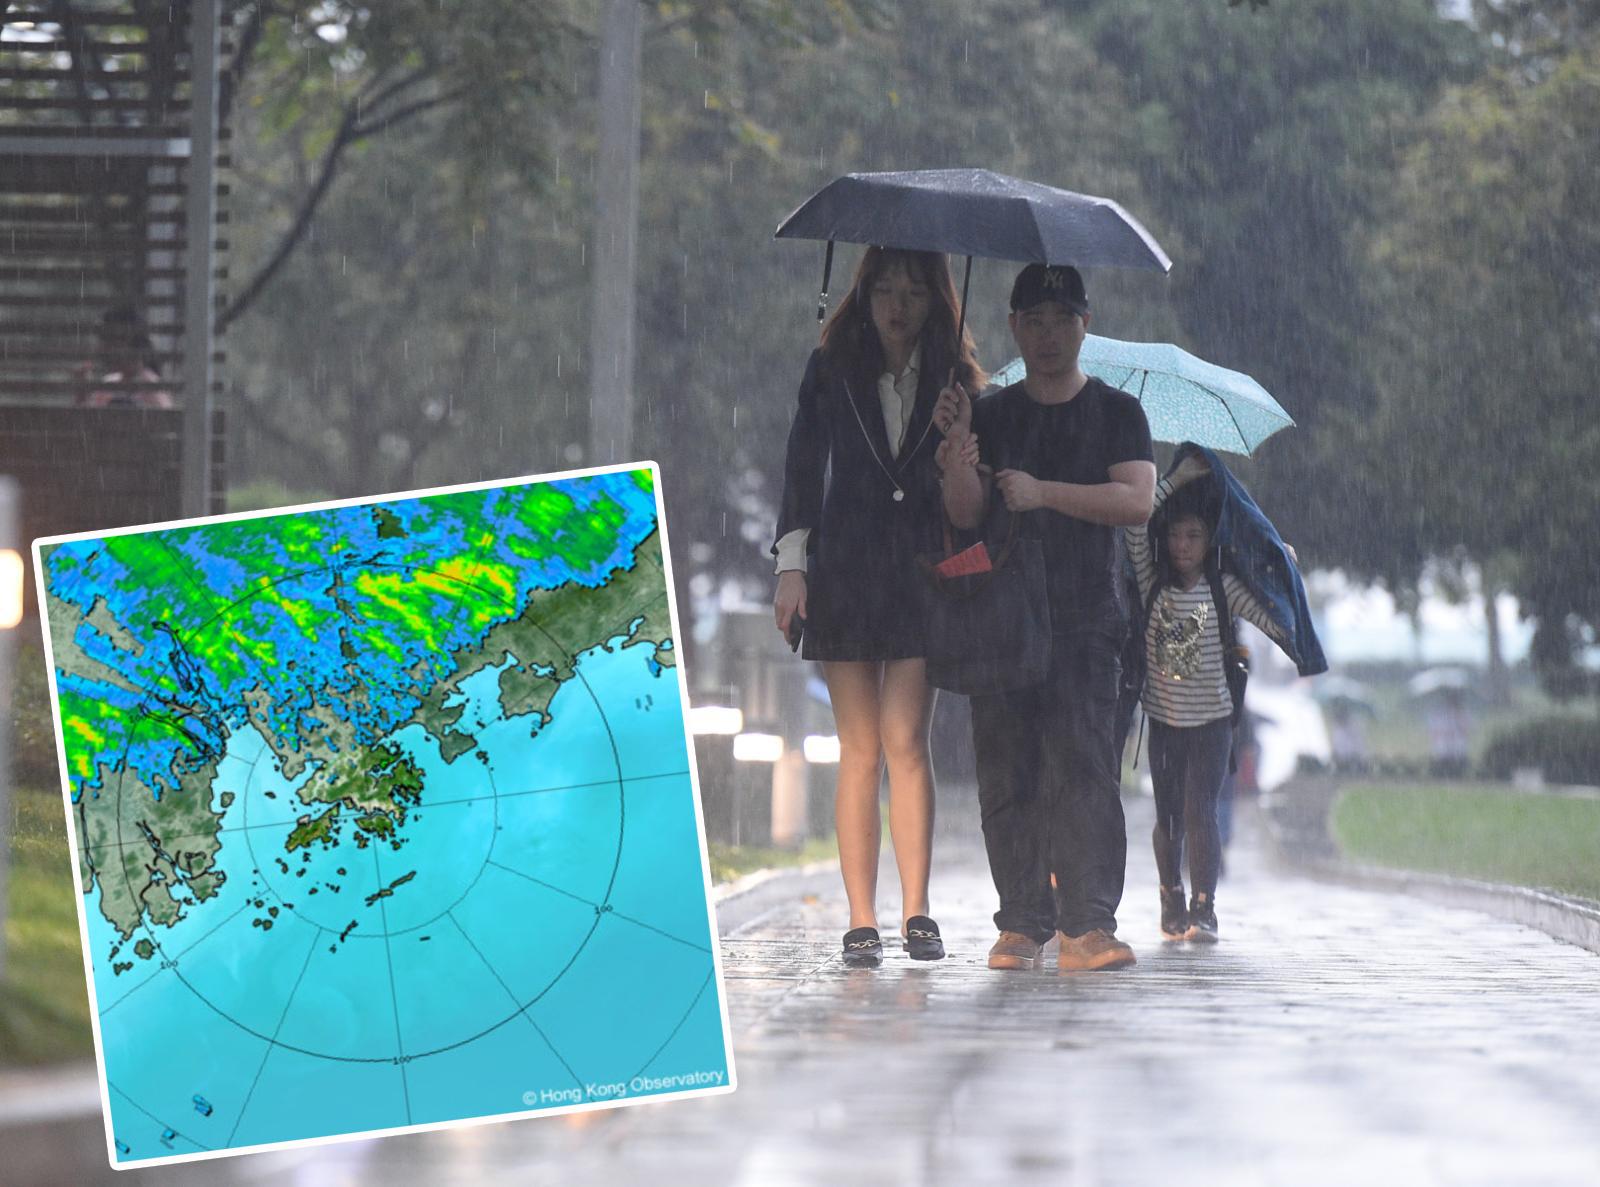 位於廣東內陸的一道雷雨帶正逐漸向南移動,可能會在未來一兩小時影響本港。 資料圖片及天文台網頁截圖